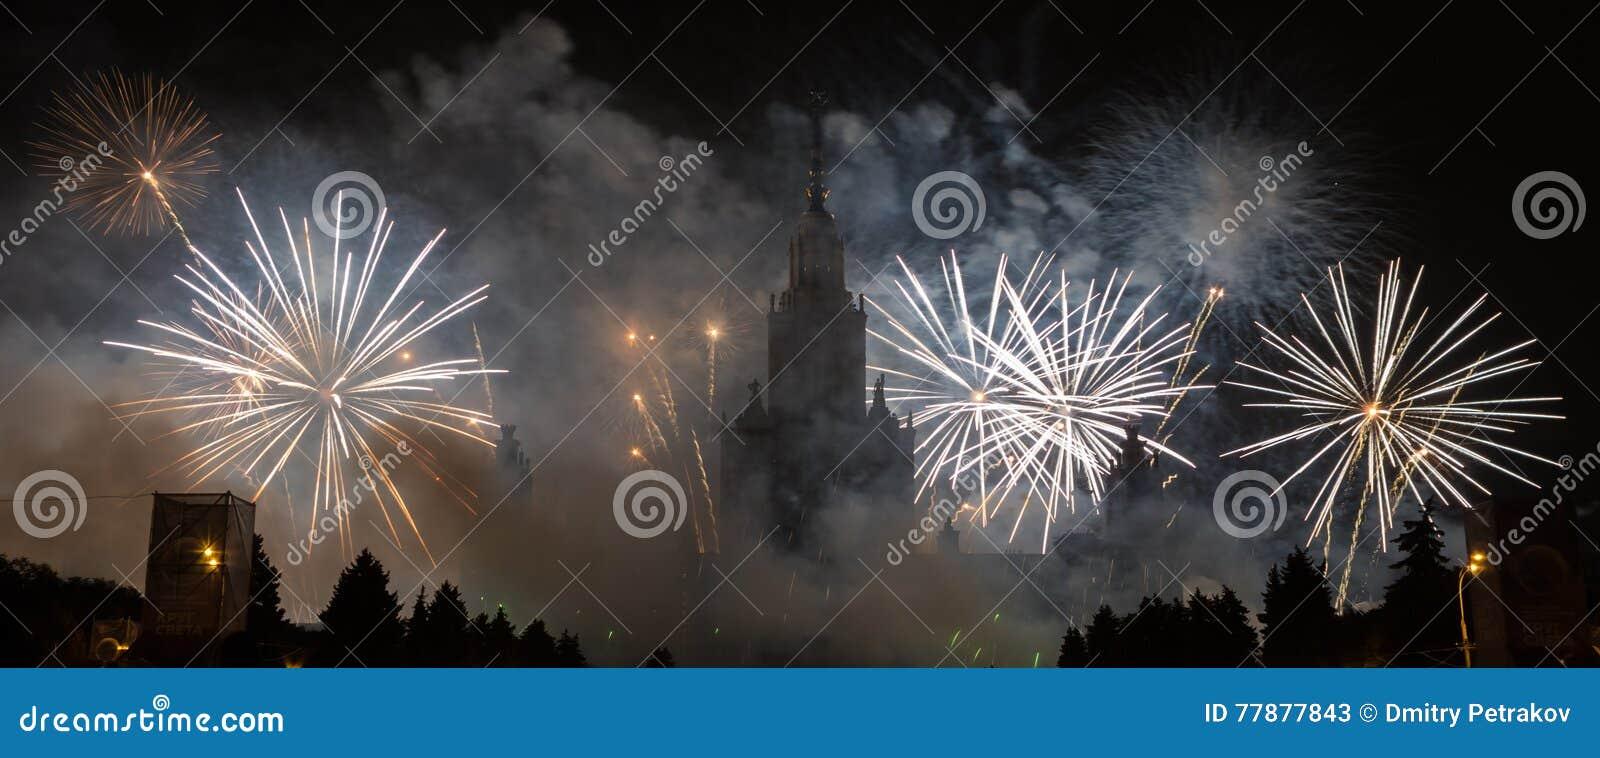 Moscú, Rusia - 25 De Septiembre De 2016: Fuegos Artificiales En El Festival Foto de archivo editorial